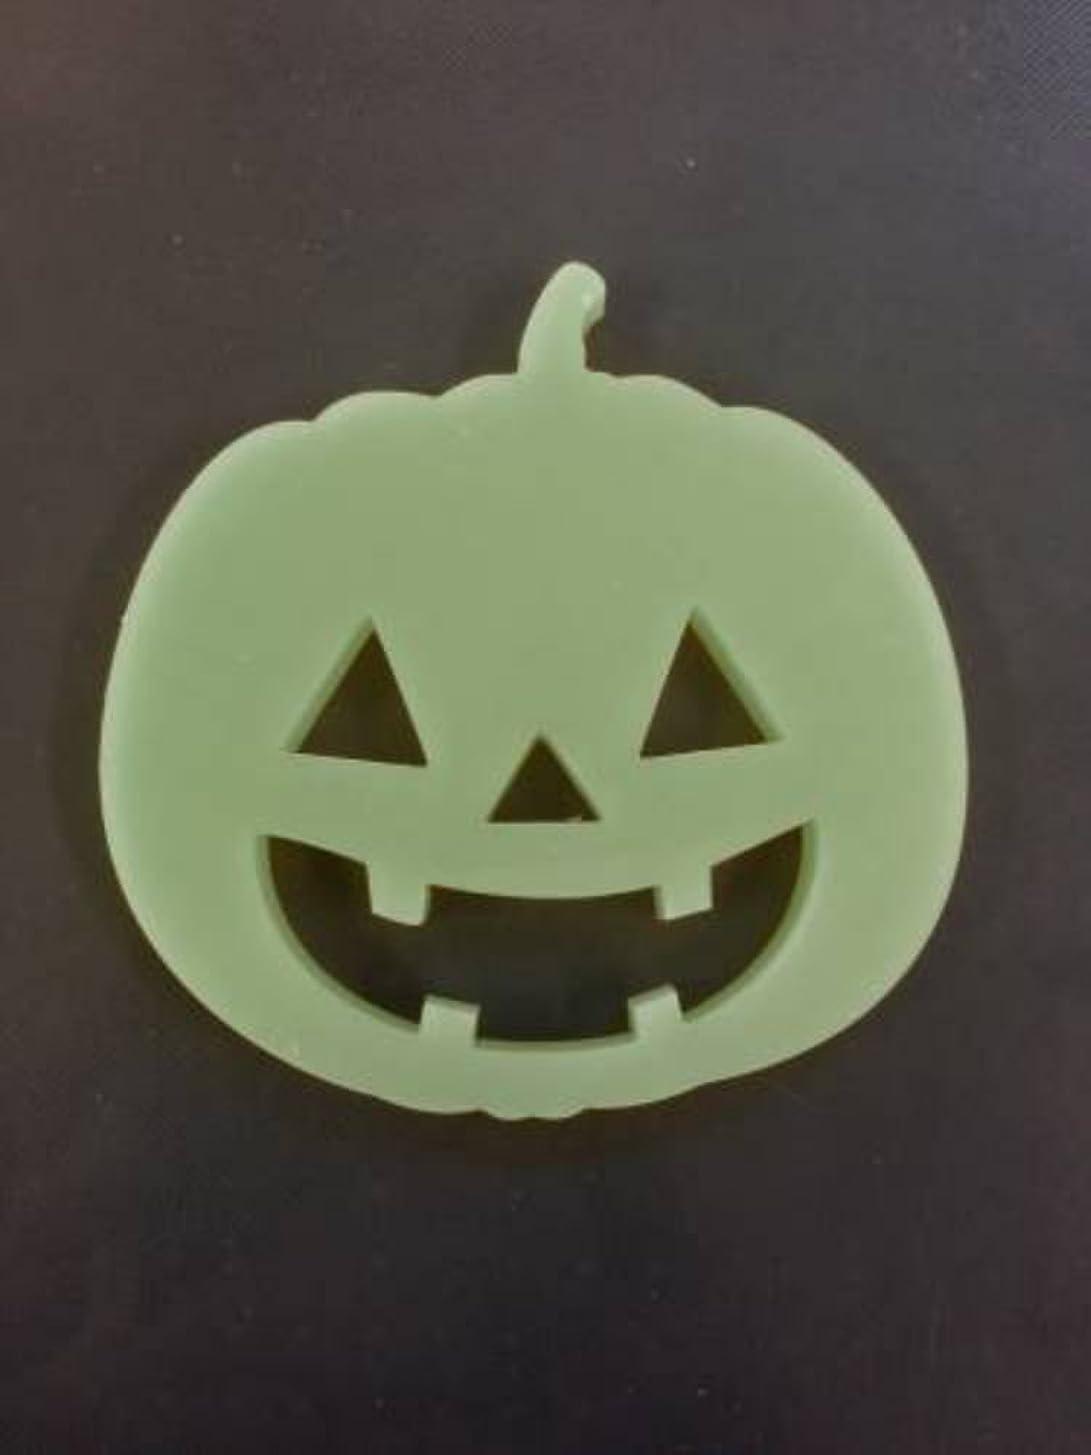 聖職者折るテメリティGRASSE TOKYO AROMATICWAXチャーム「ハロウィンかぼちゃ」(GR) レモングラス アロマティックワックス グラーストウキョウ